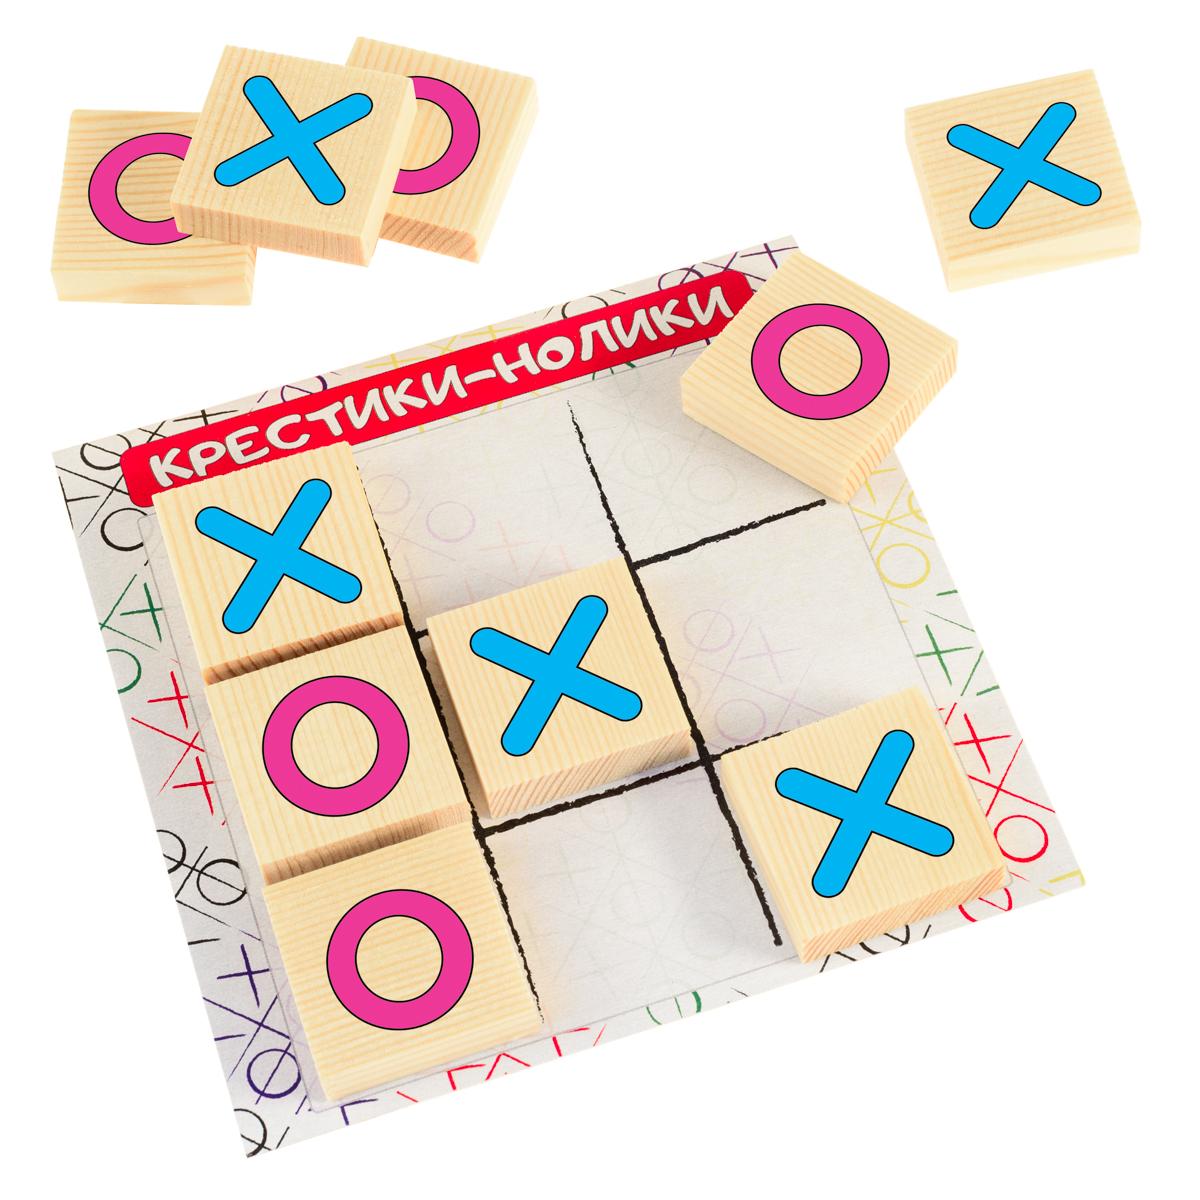 Развивающие деревянные игрушки Обучающая игра Крестики-нолики Классика развивающие деревянные игрушки обучающая игра крестики нолики классика